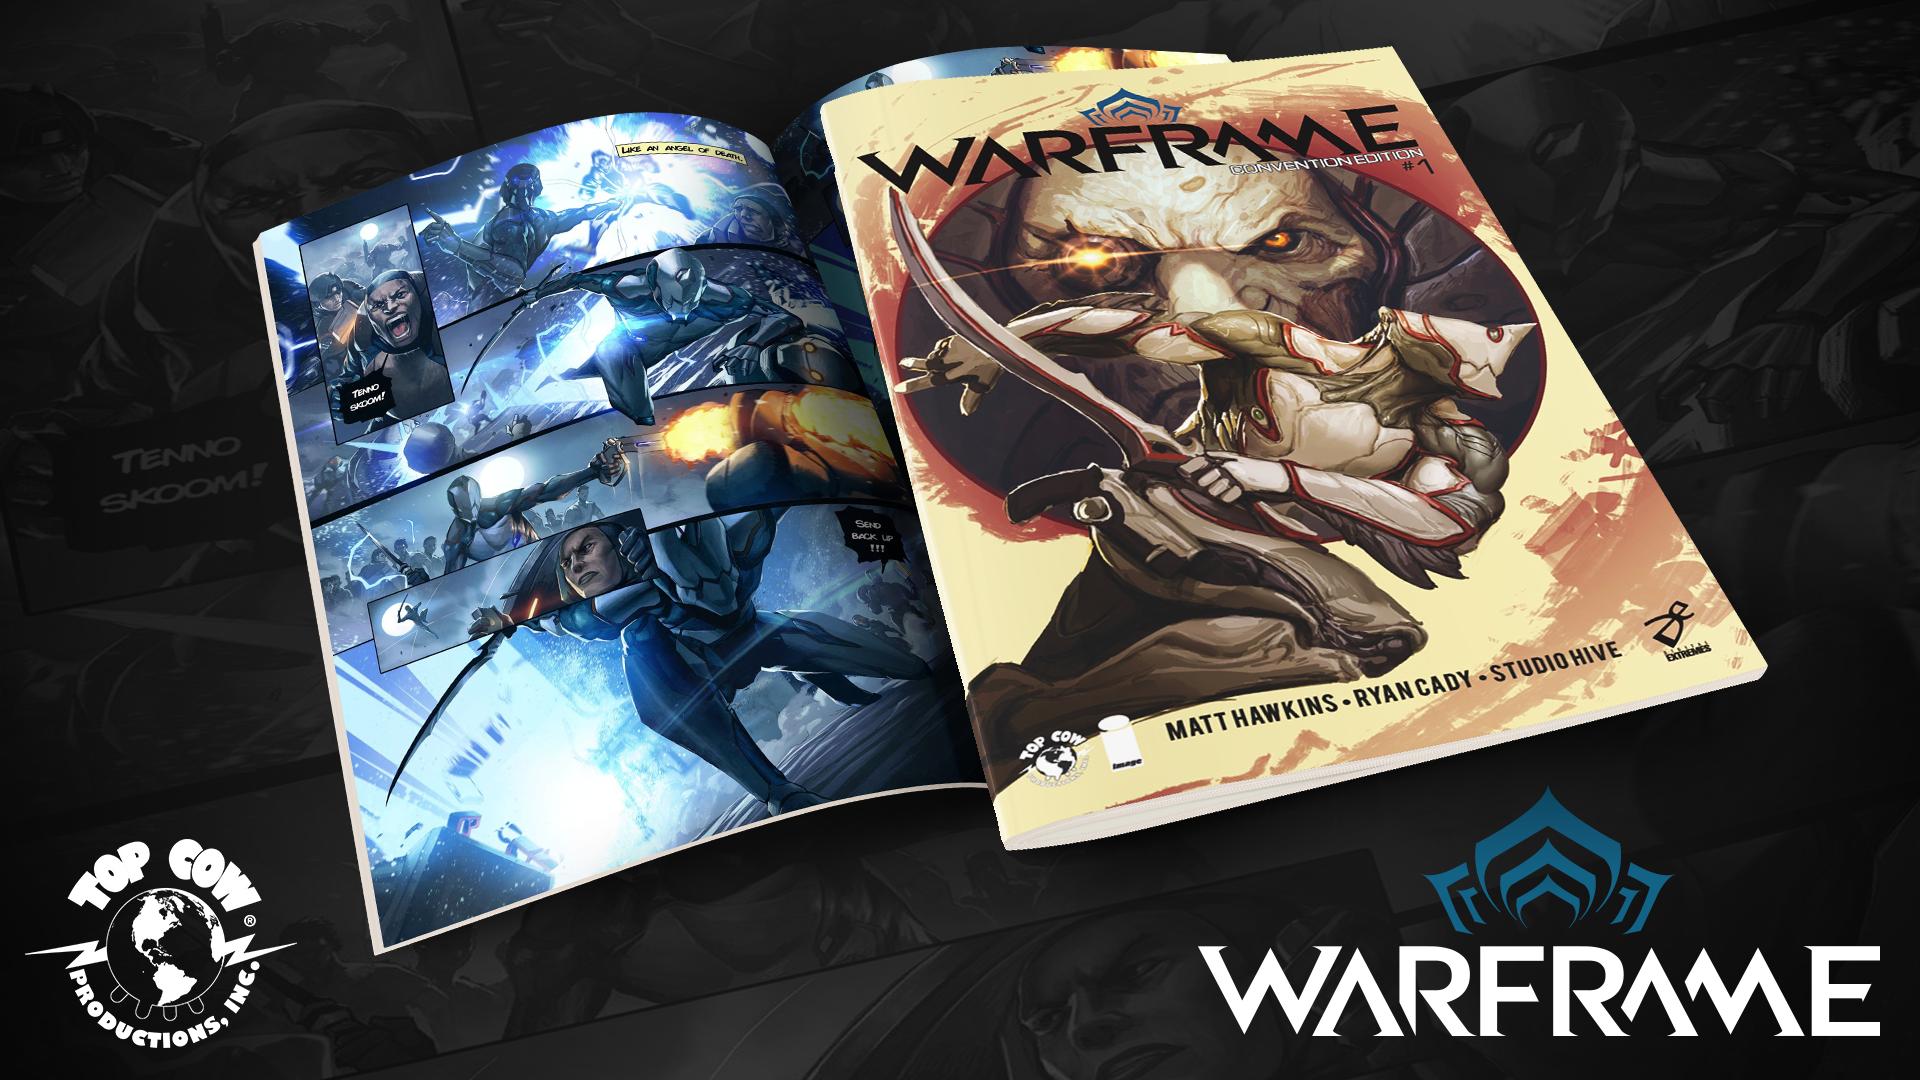 WARFRAME annonce la sortie d'un Comics